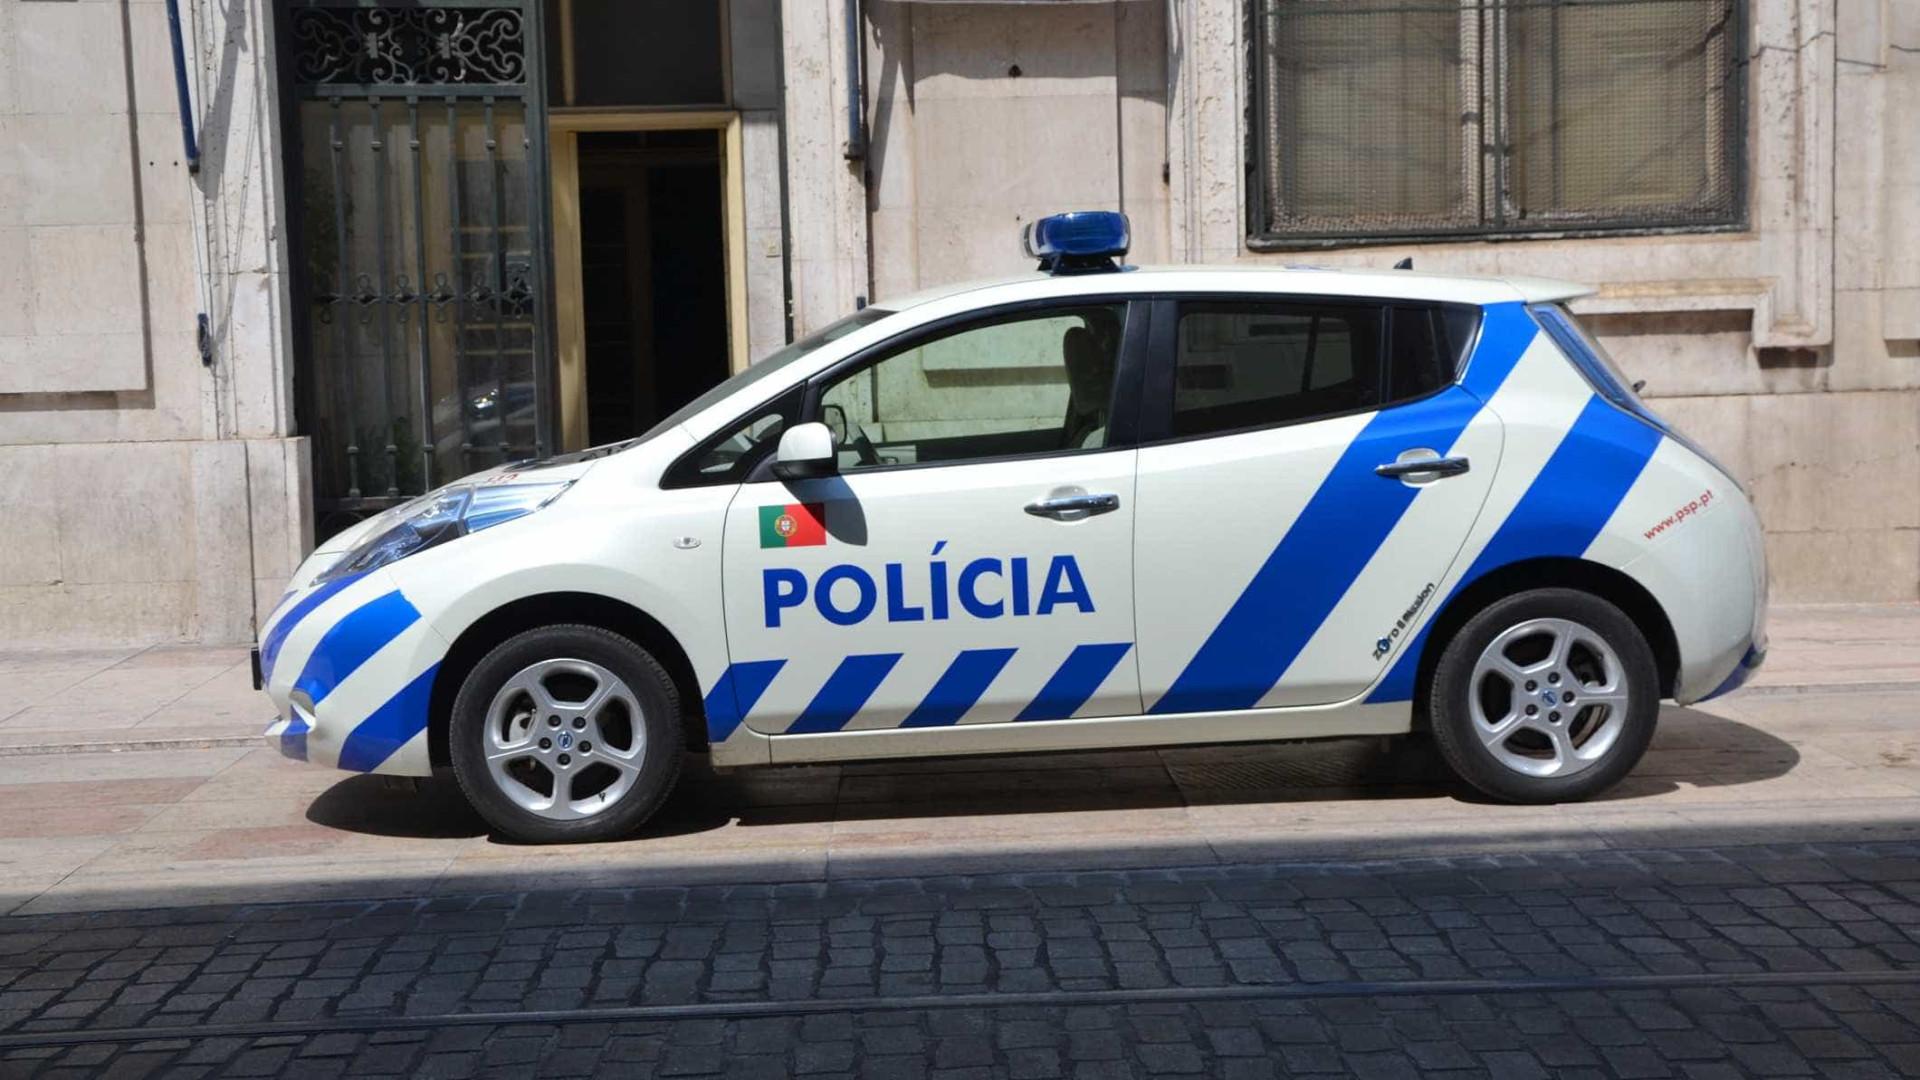 Homem detido por violência doméstica tinha várias armas ilegais